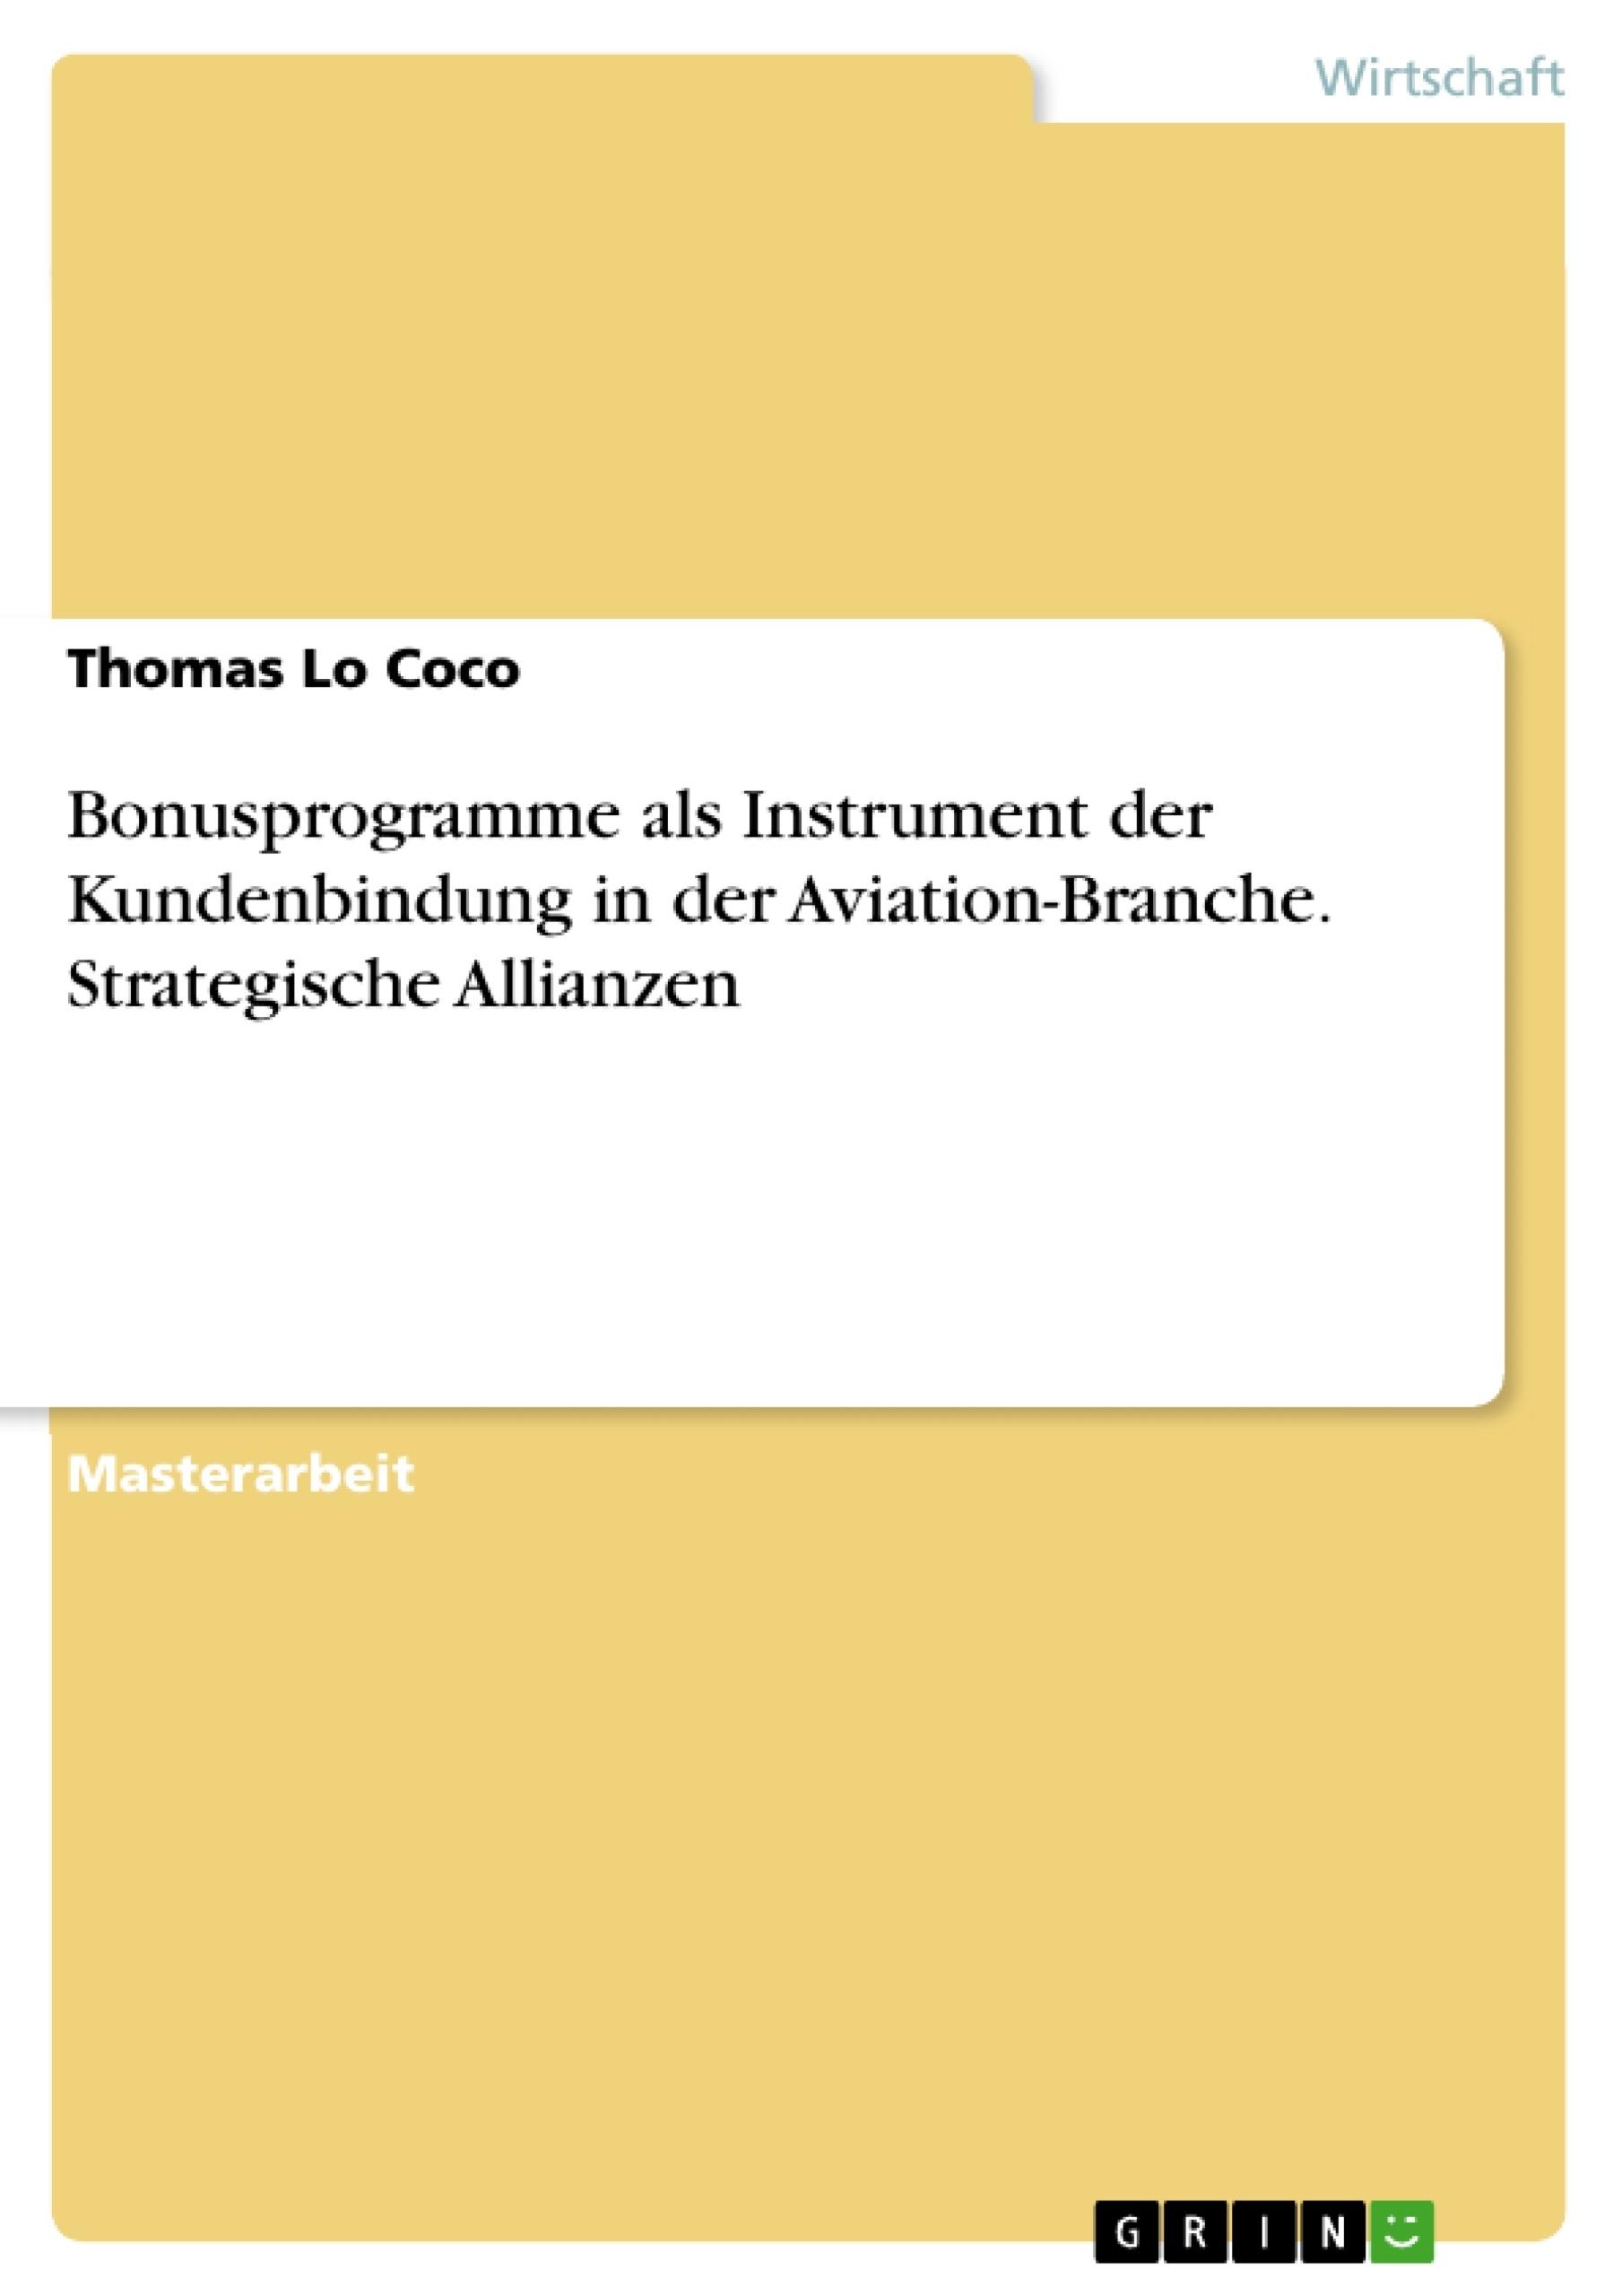 Titel: Bonusprogramme als Instrument der  Kundenbindung in der Aviation-Branche. Strategische Allianzen